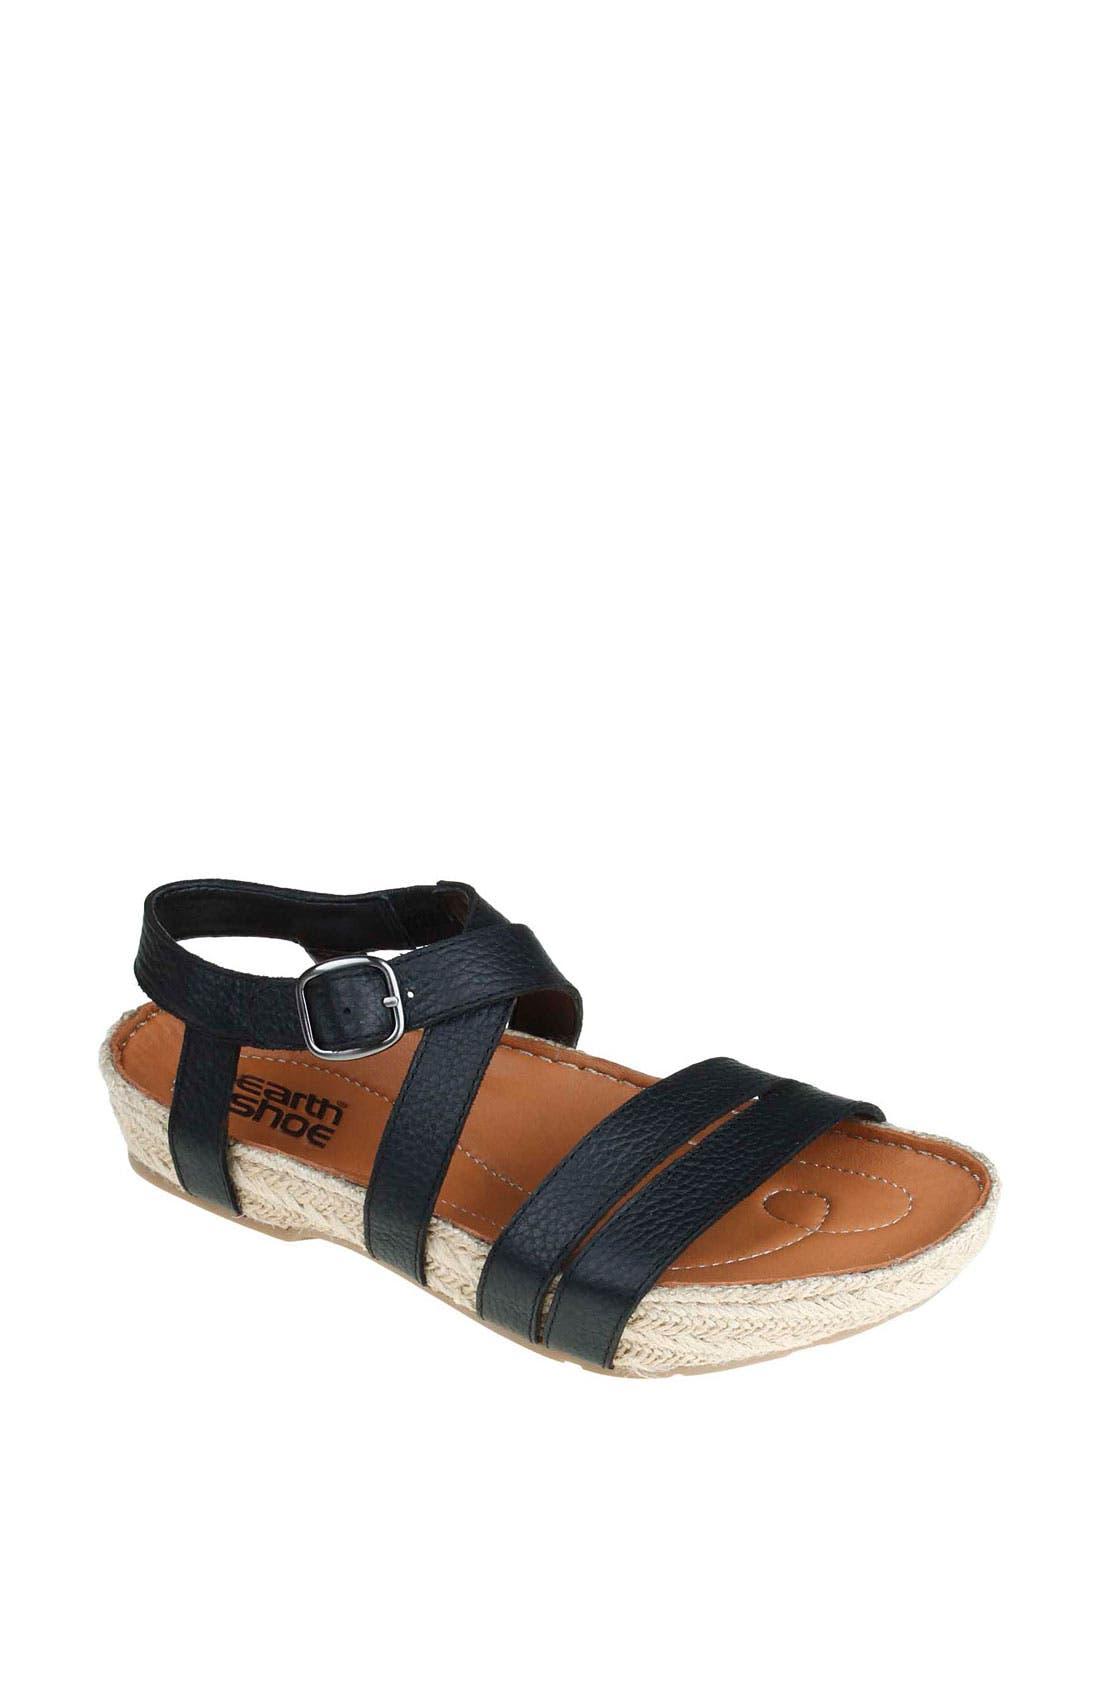 Alternate Image 1 Selected - Kalso Earth® 'Enlighten' Sandal